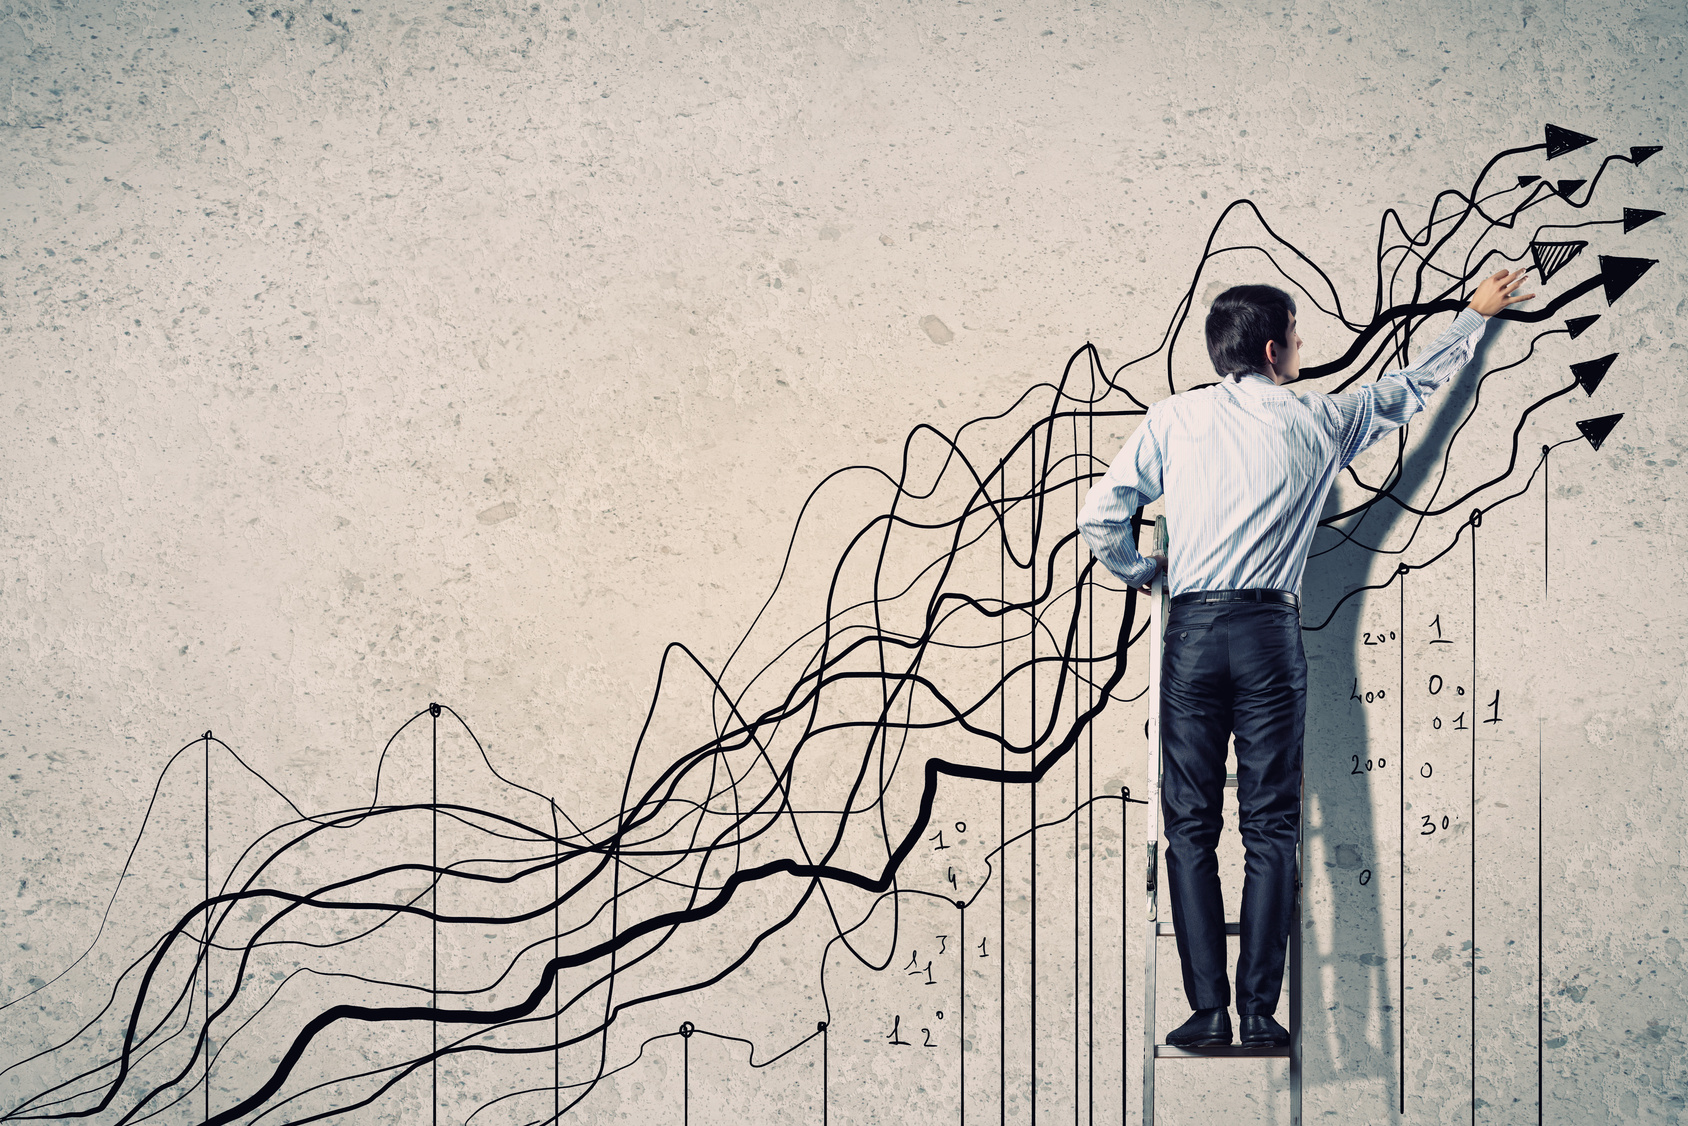 هفت اصل برنامه ریزی جان سی مکسول